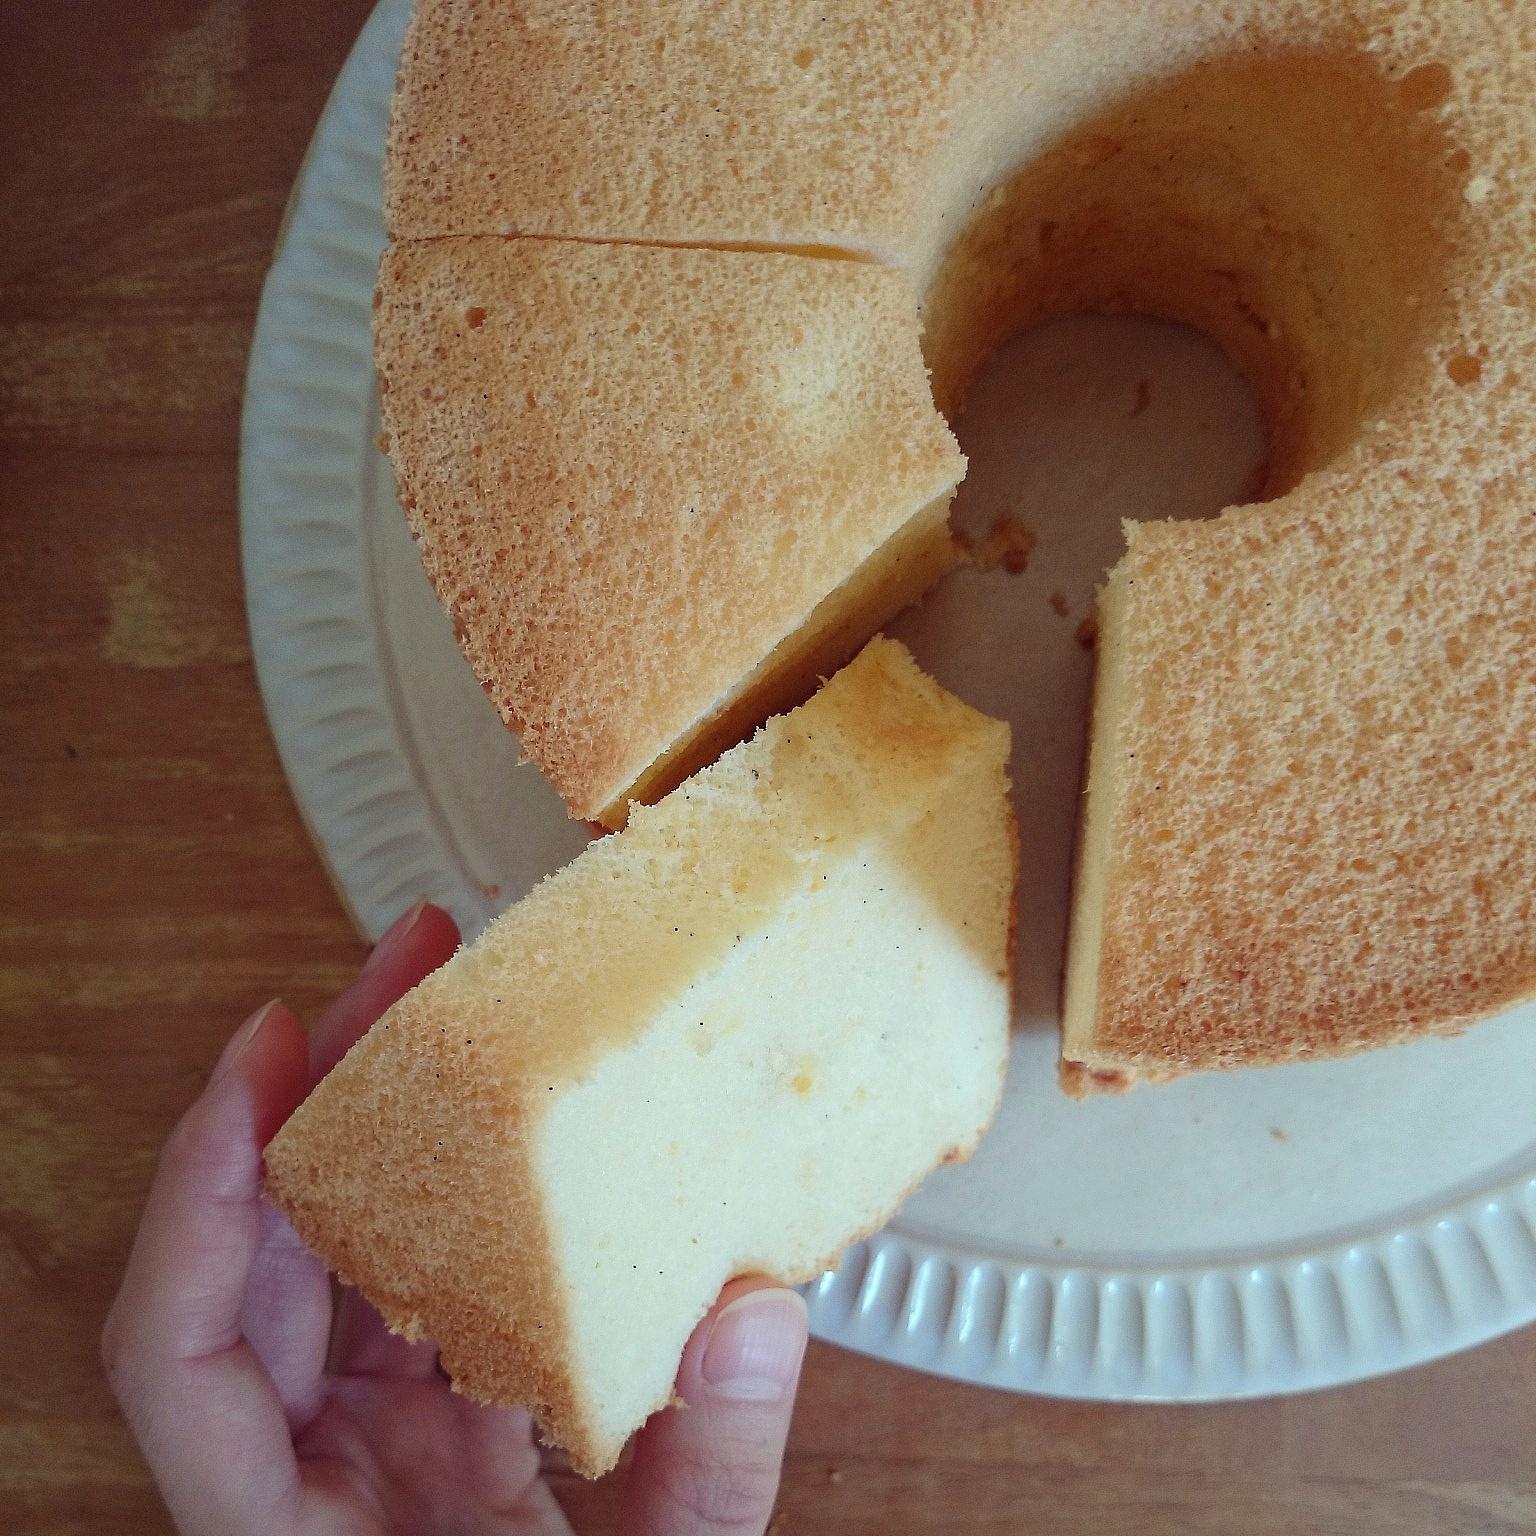 お久しぶりのバニラシフォンケーキと焼き林檎のおやつ❁